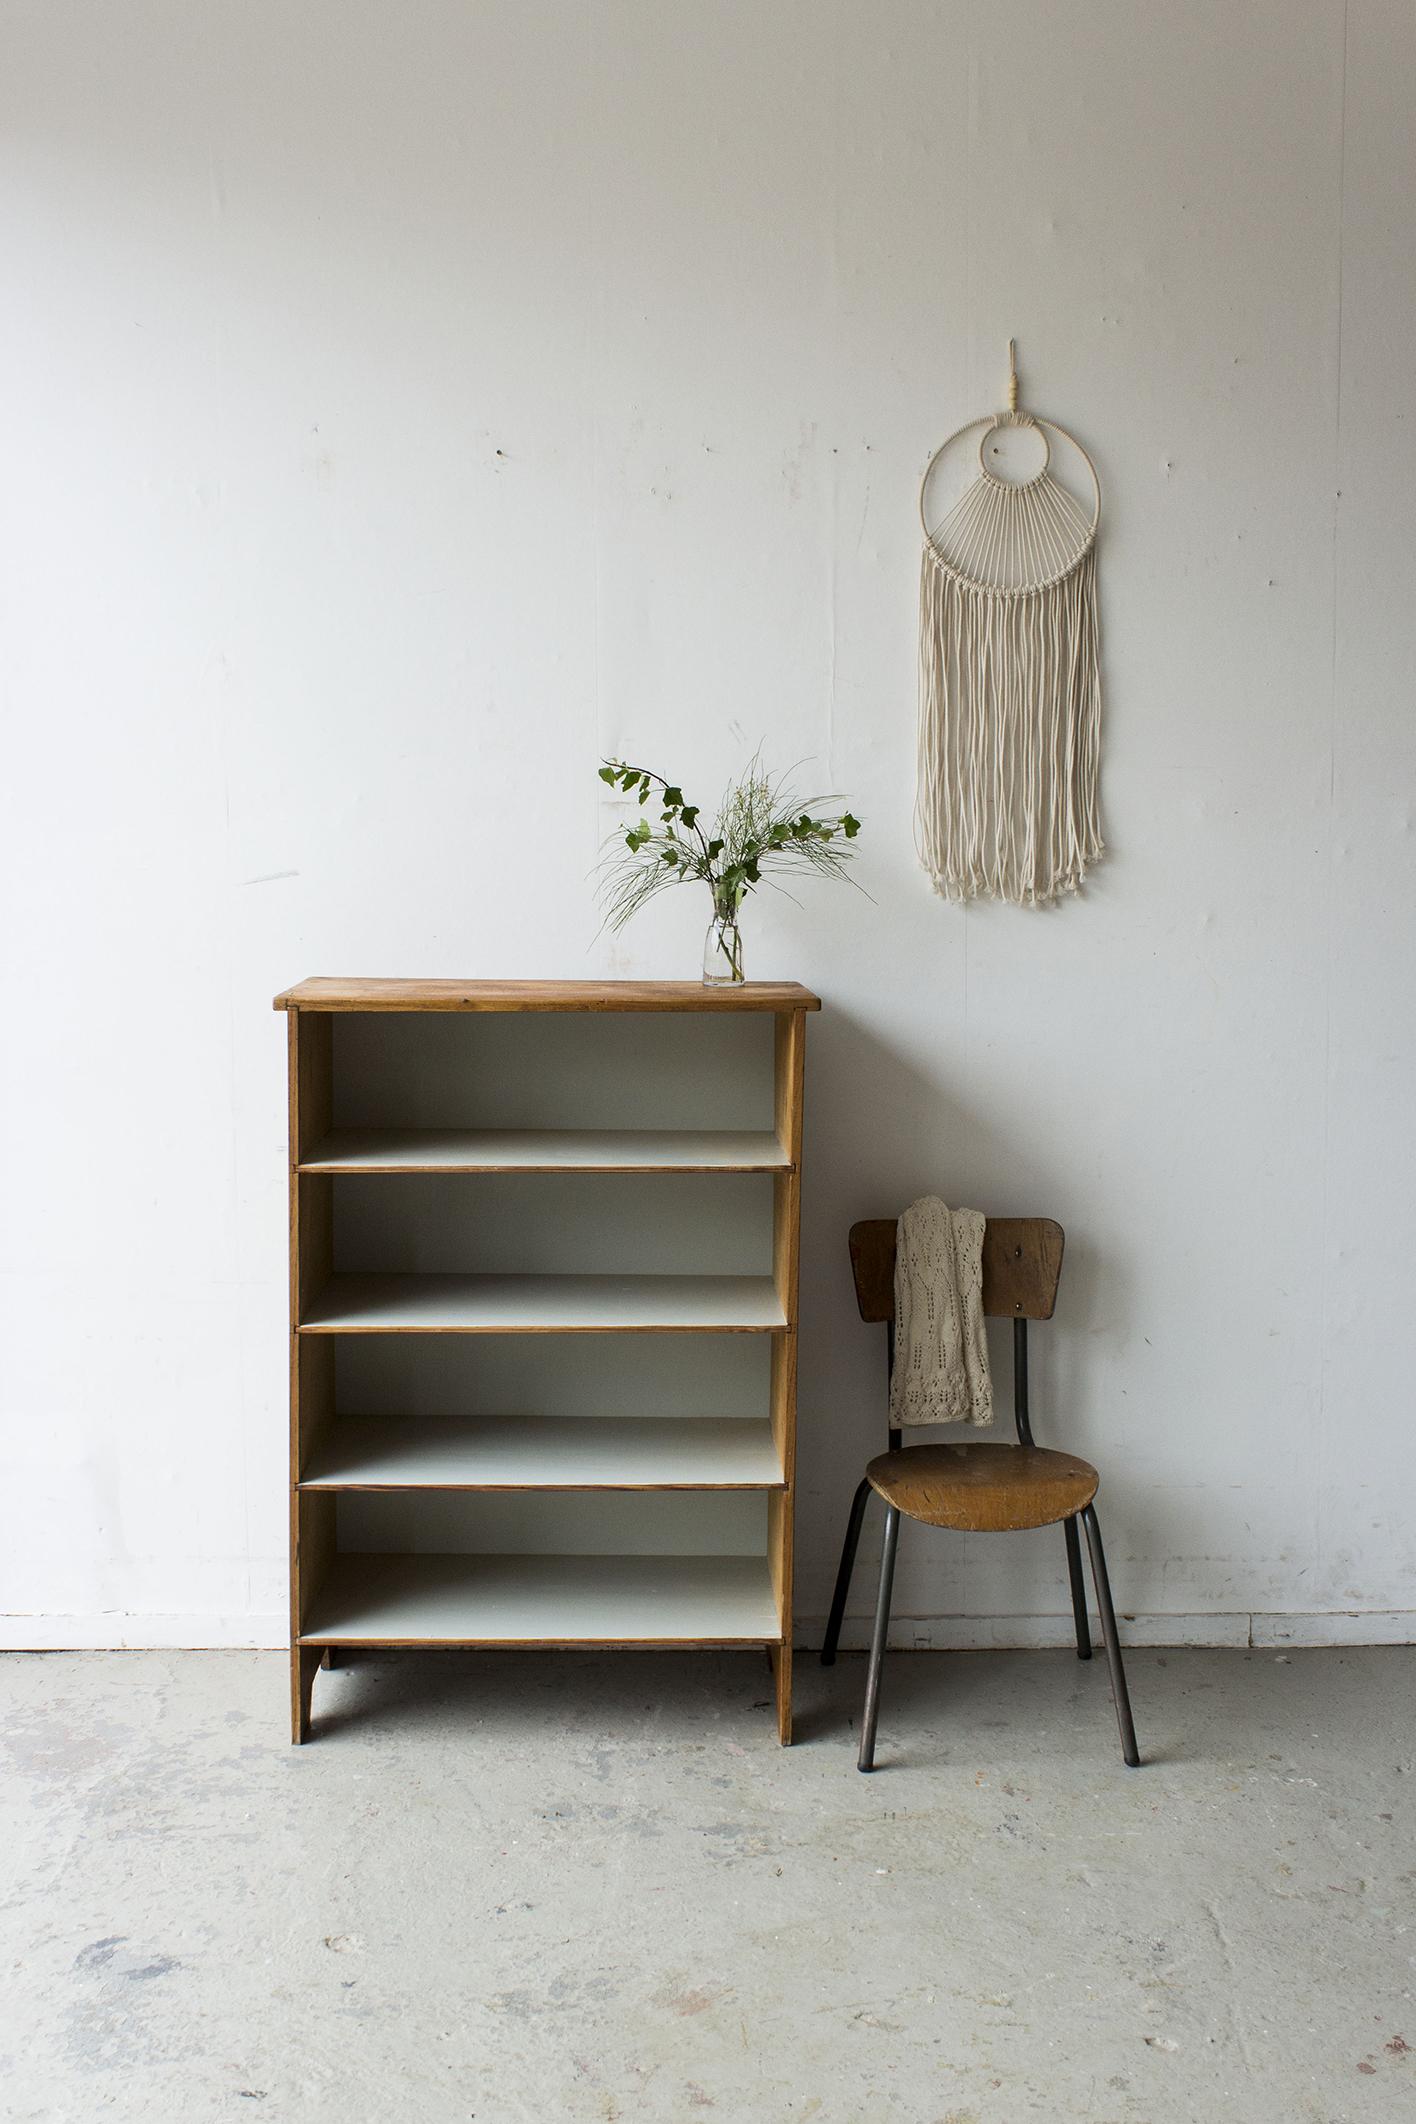 Vintage open boekenkastje -  Firma zoethout_4.jpg